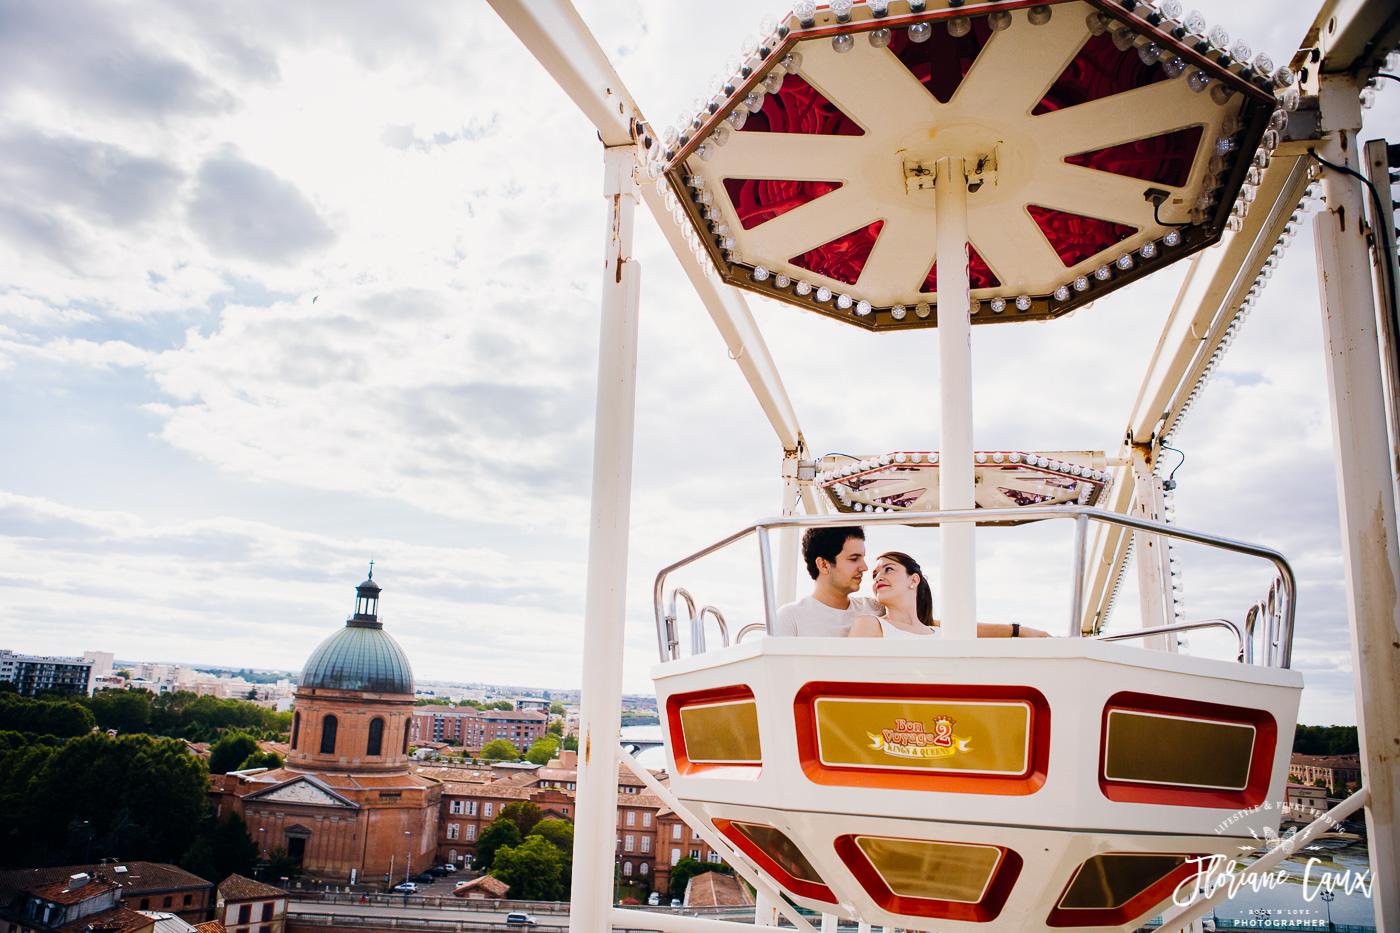 séance photo engagement à la grande roue à Toulouse en bord de Garonne